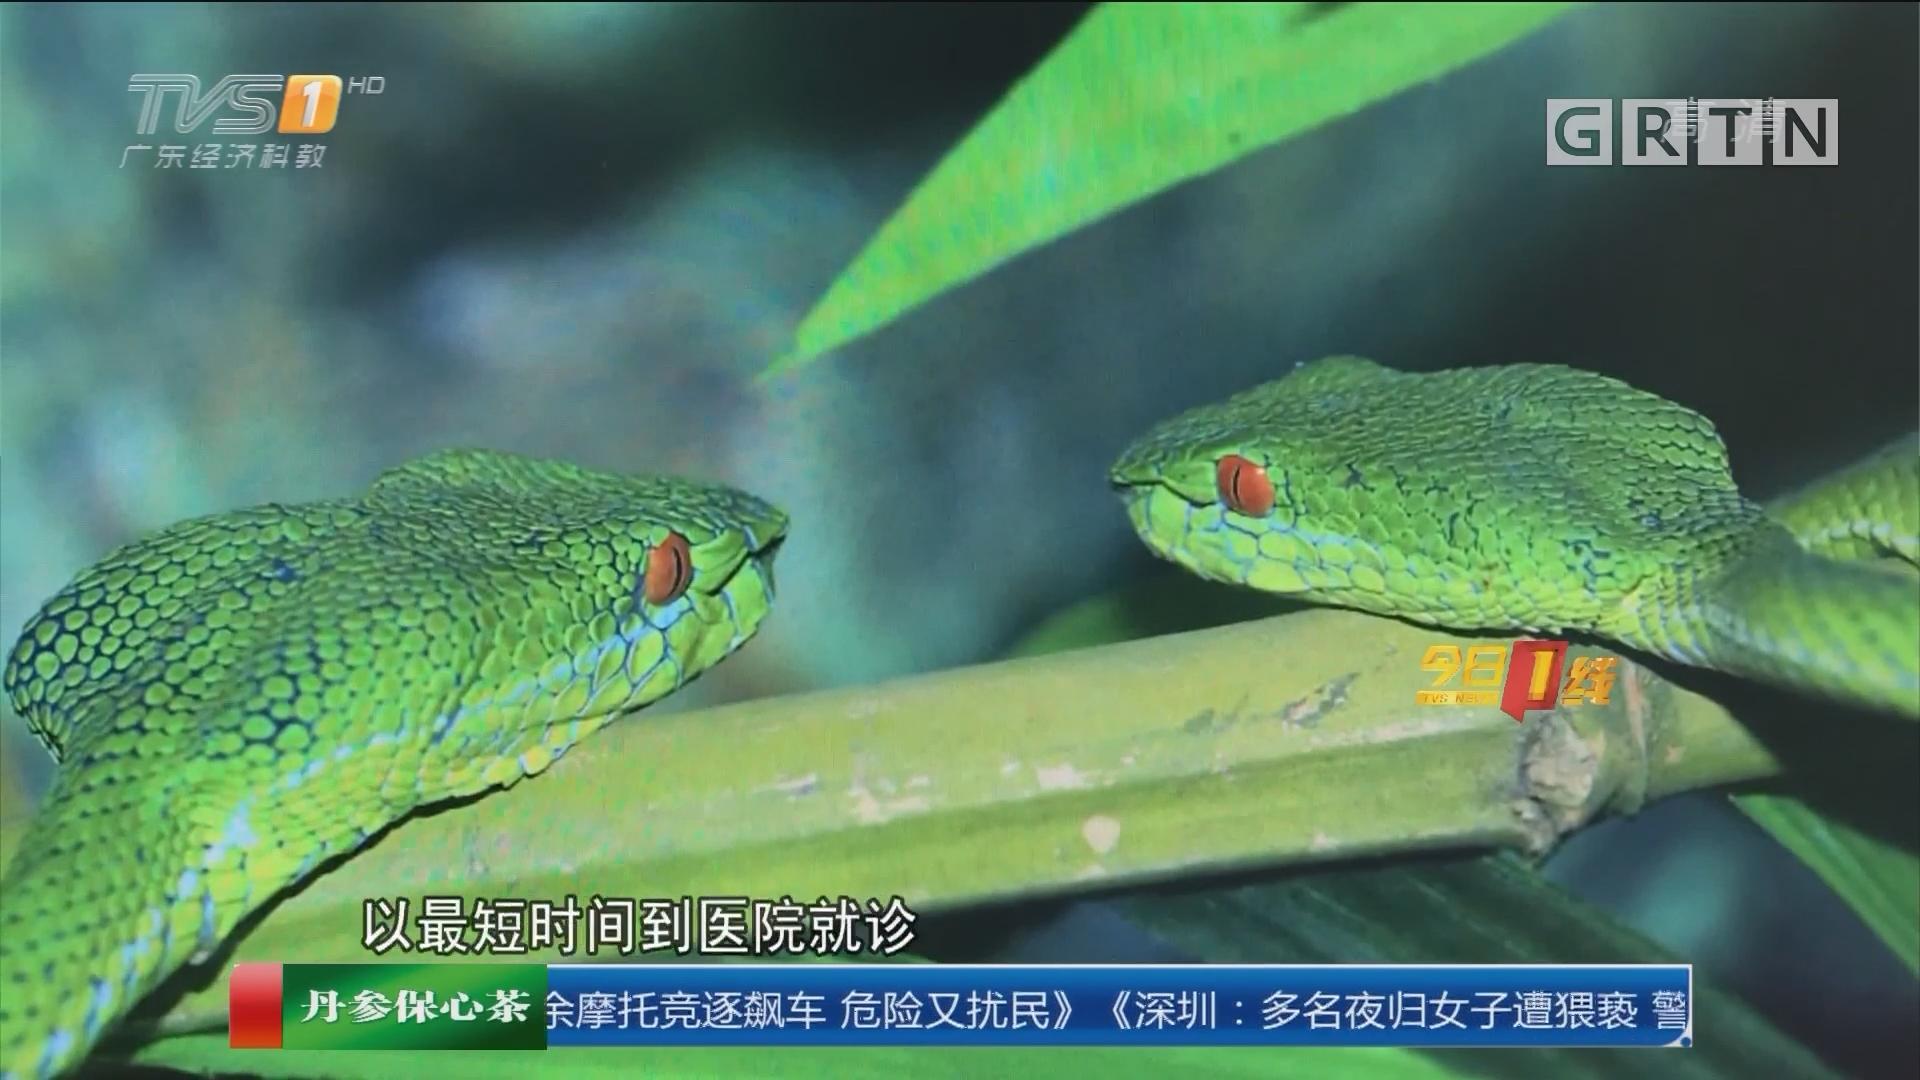 广州花都:阿姨把竹叶青蛇当菜摘回家被咬伤